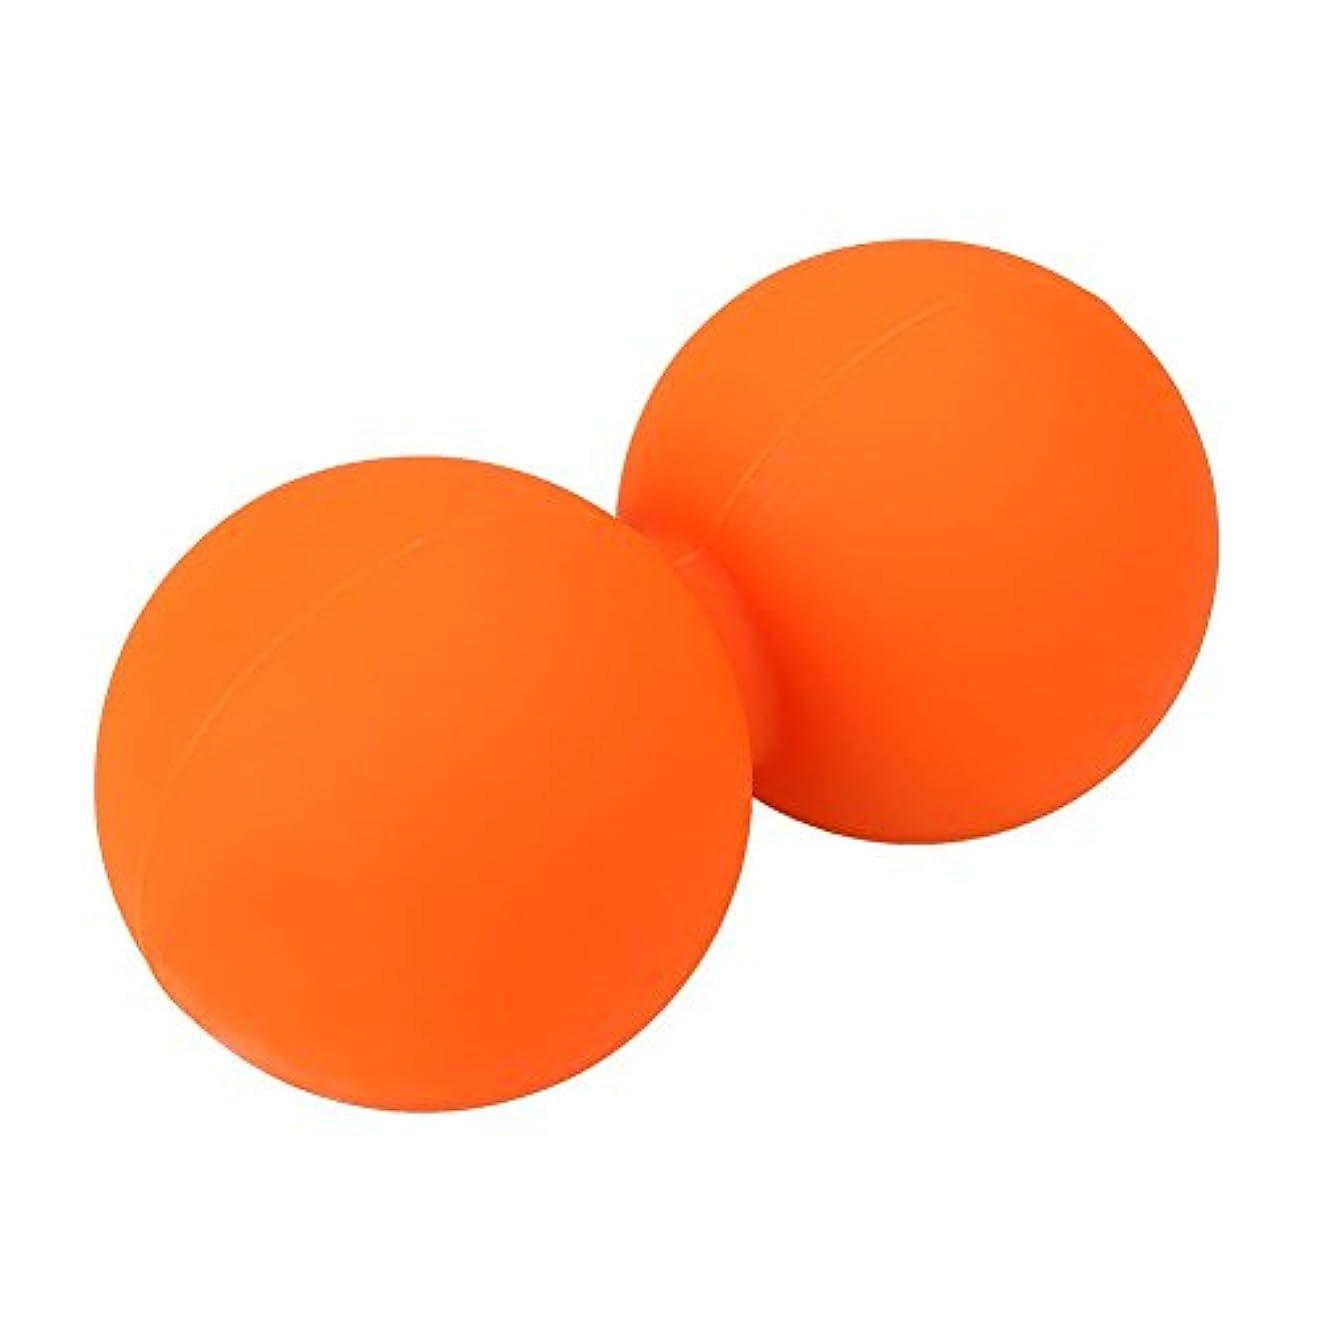 肺炎明日才能attachmenttou スパイクマッサージボールダブルラクロス 筋筋膜トリガーリリースピーナッツ マッサージクロスボール 運動